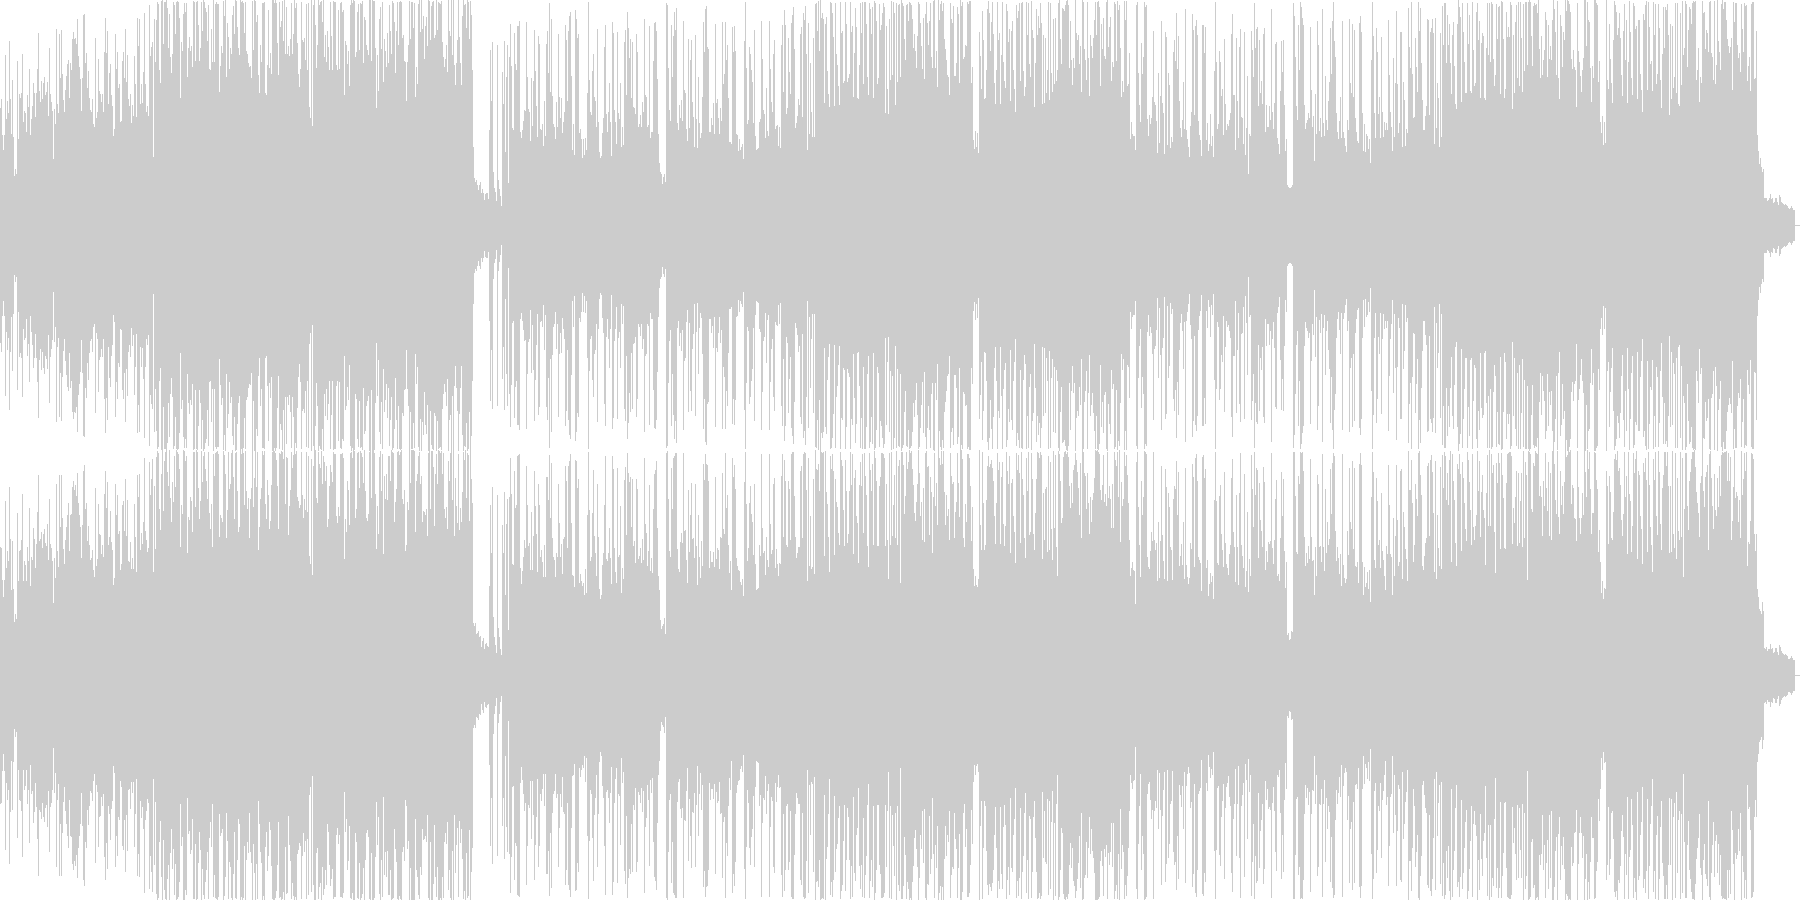 ミディアムテンポの激しいギター曲の未再生の波形